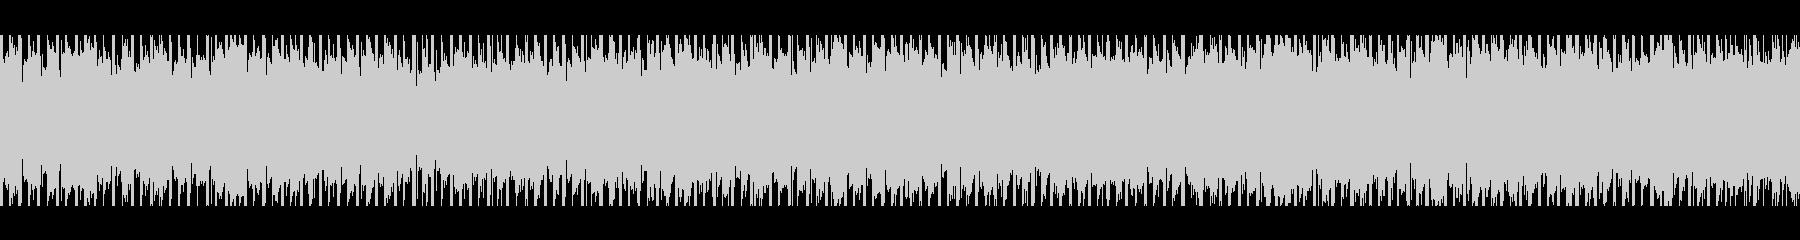 成功(ループ)の未再生の波形